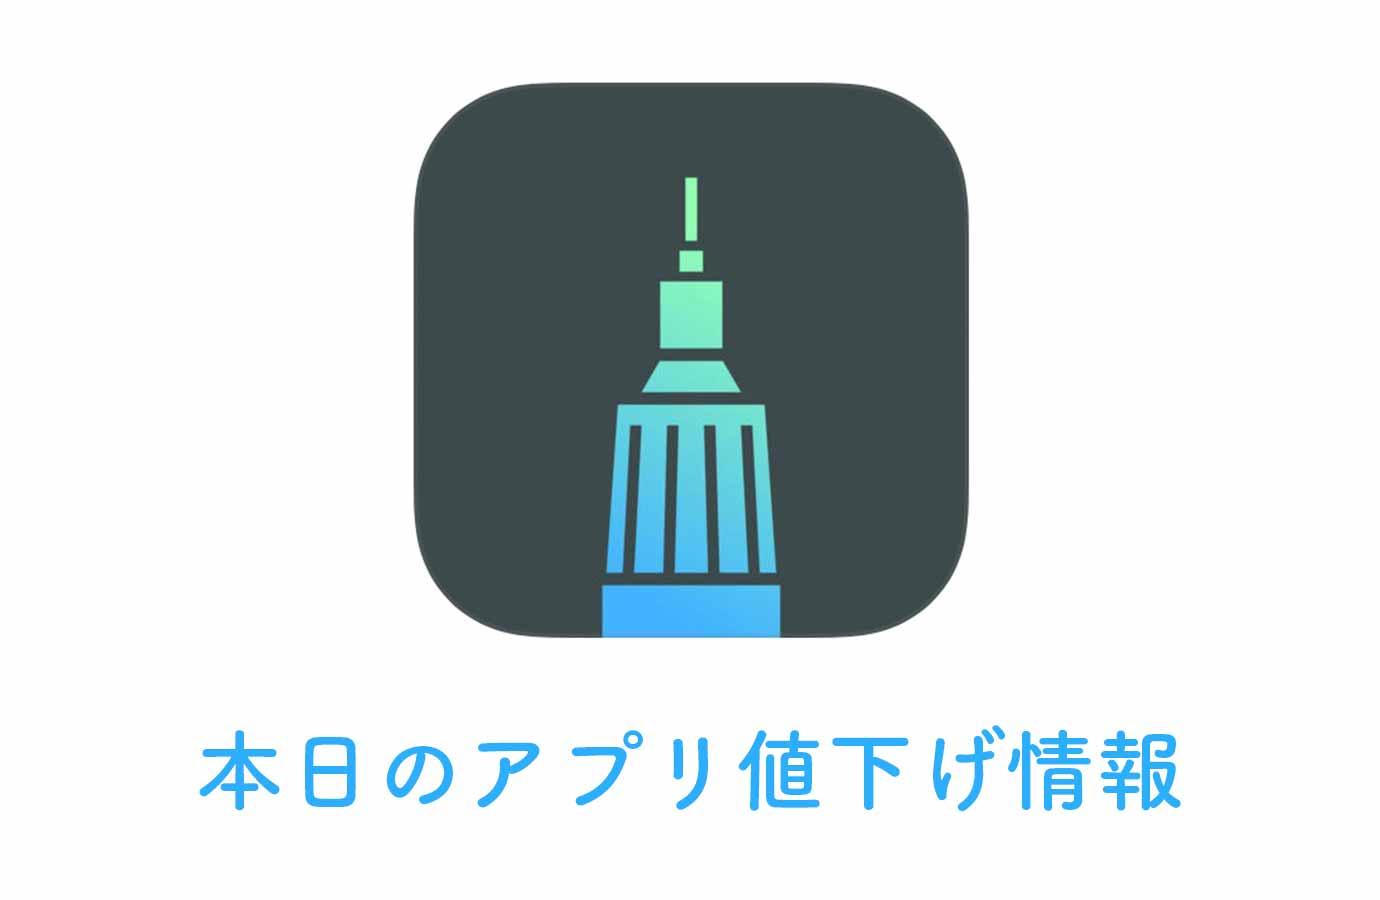 600円→無料!20以上のツールや水彩画用ブラシなど多機能なスケッチアプリ「Tayasui Sketches Pro」など【11/17】アプリ値下げ情報